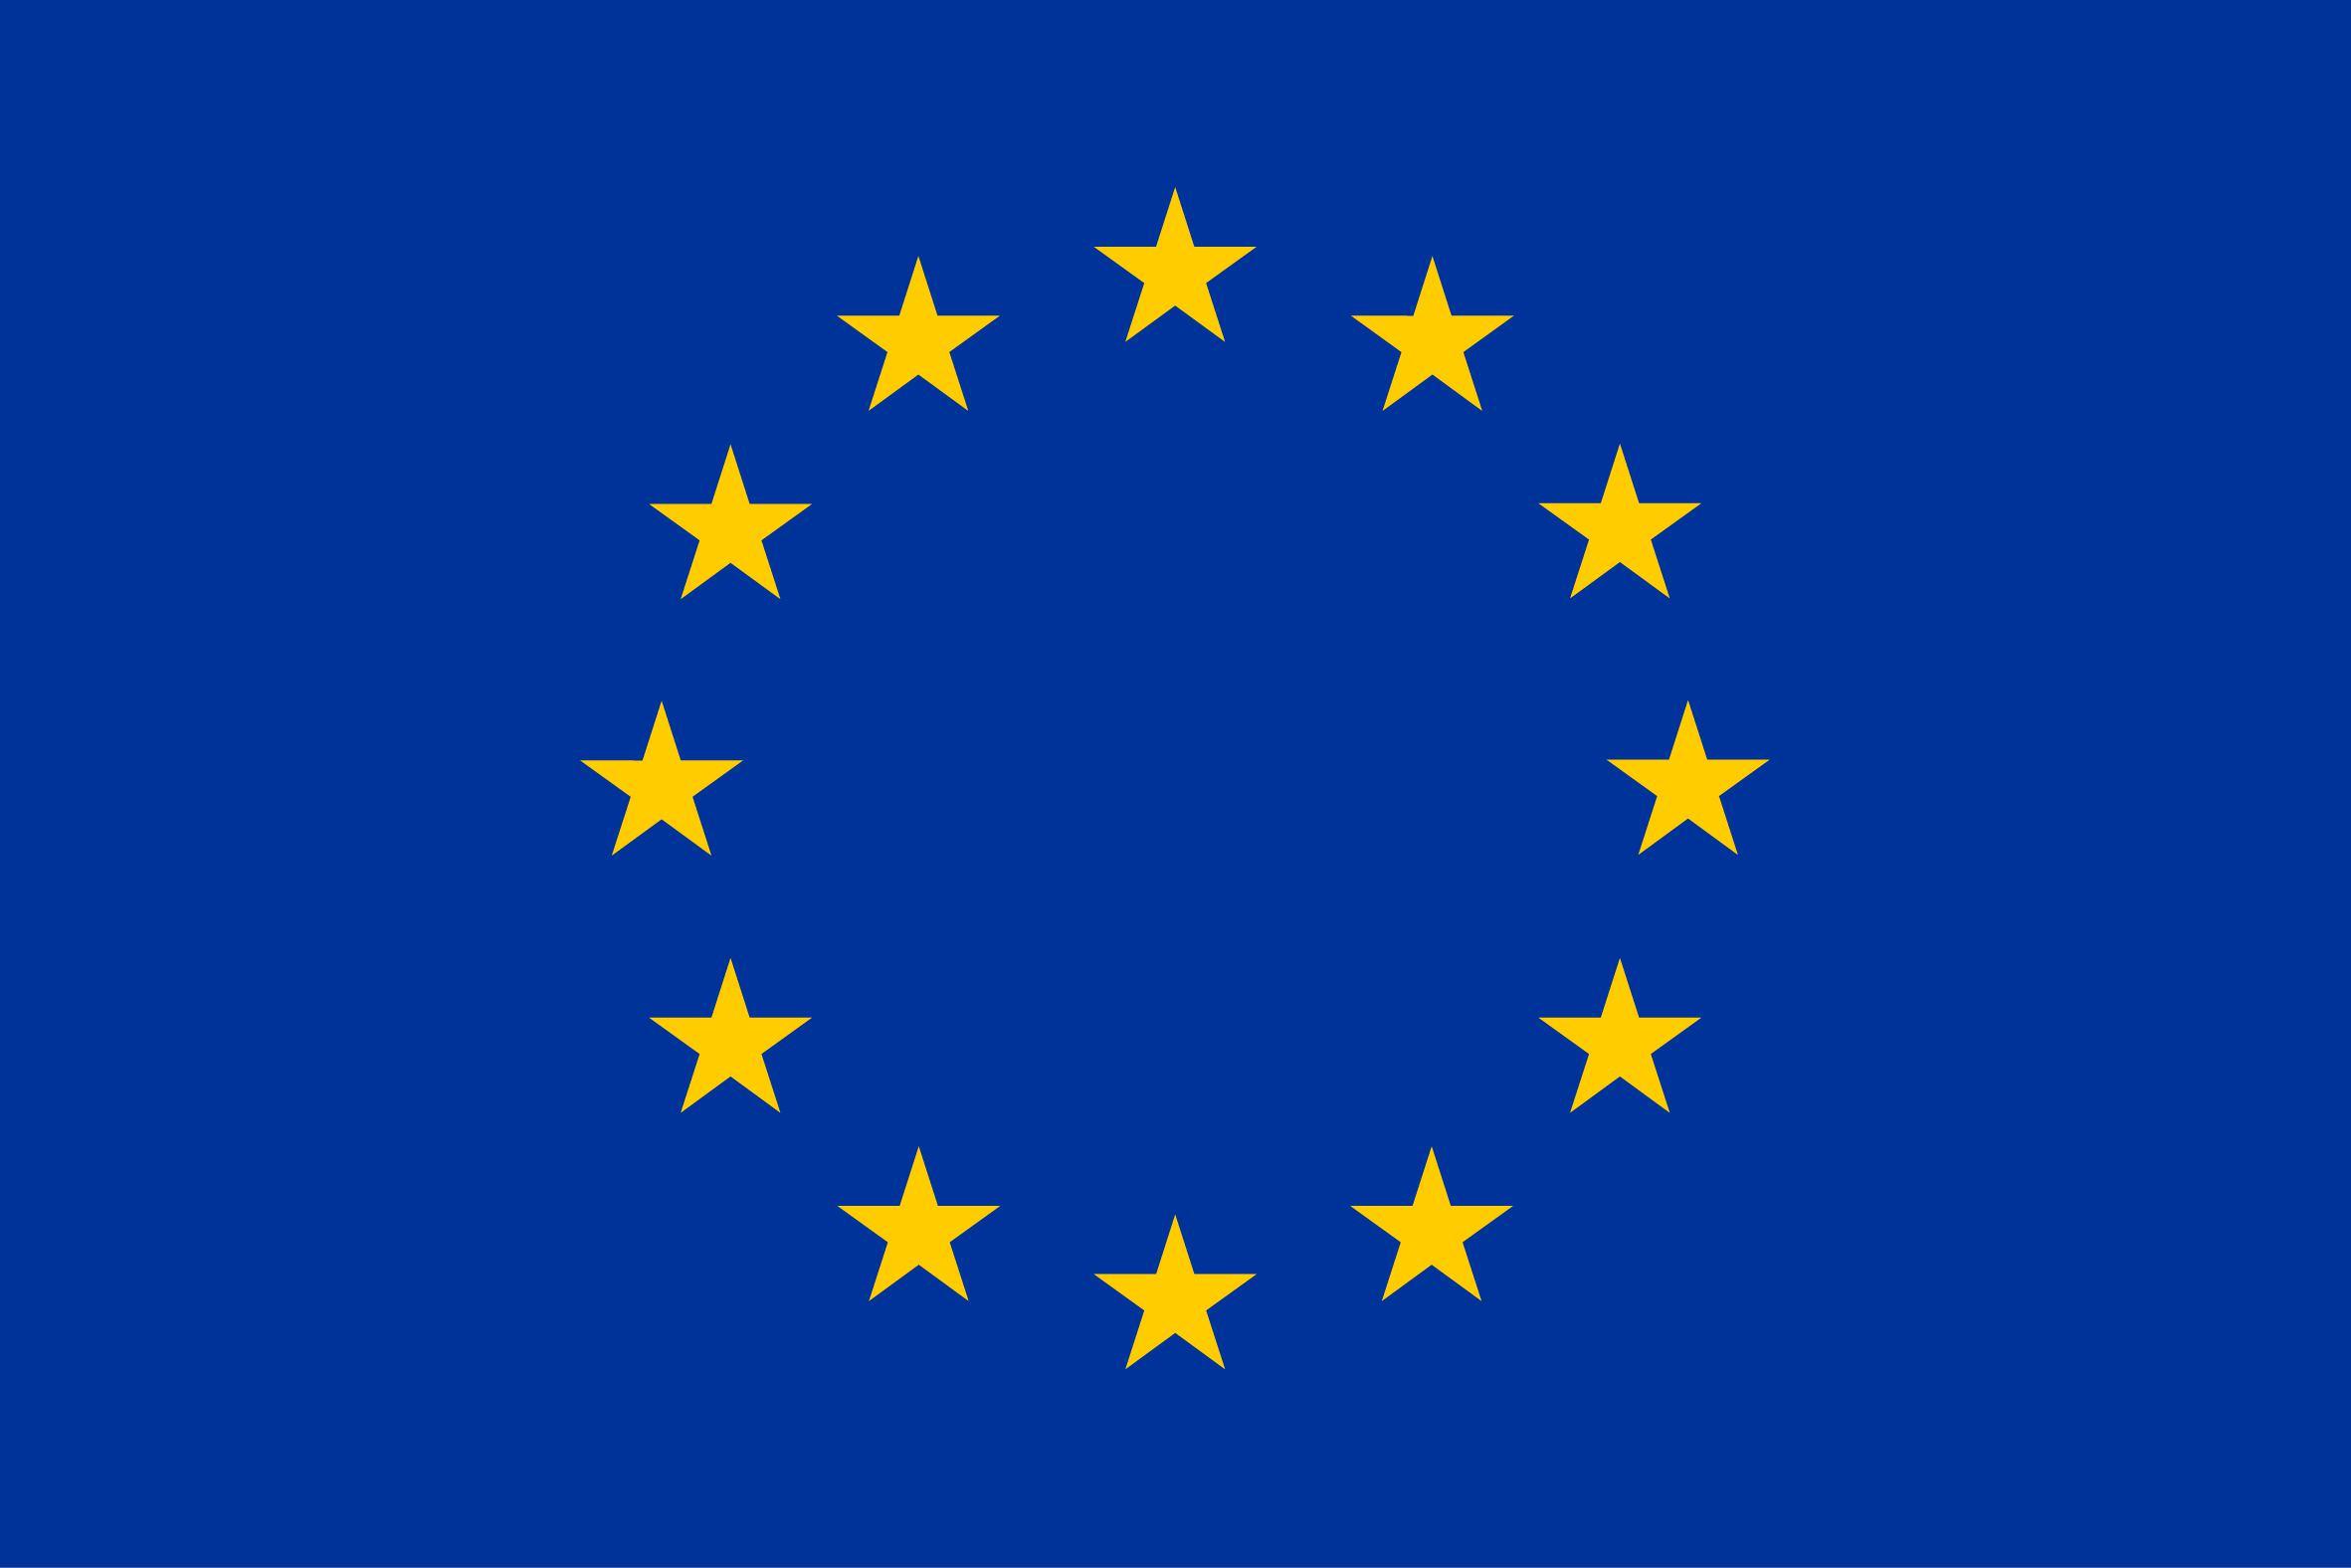 Europawahl: Die Wahlprogramme der Parteien im Überblick